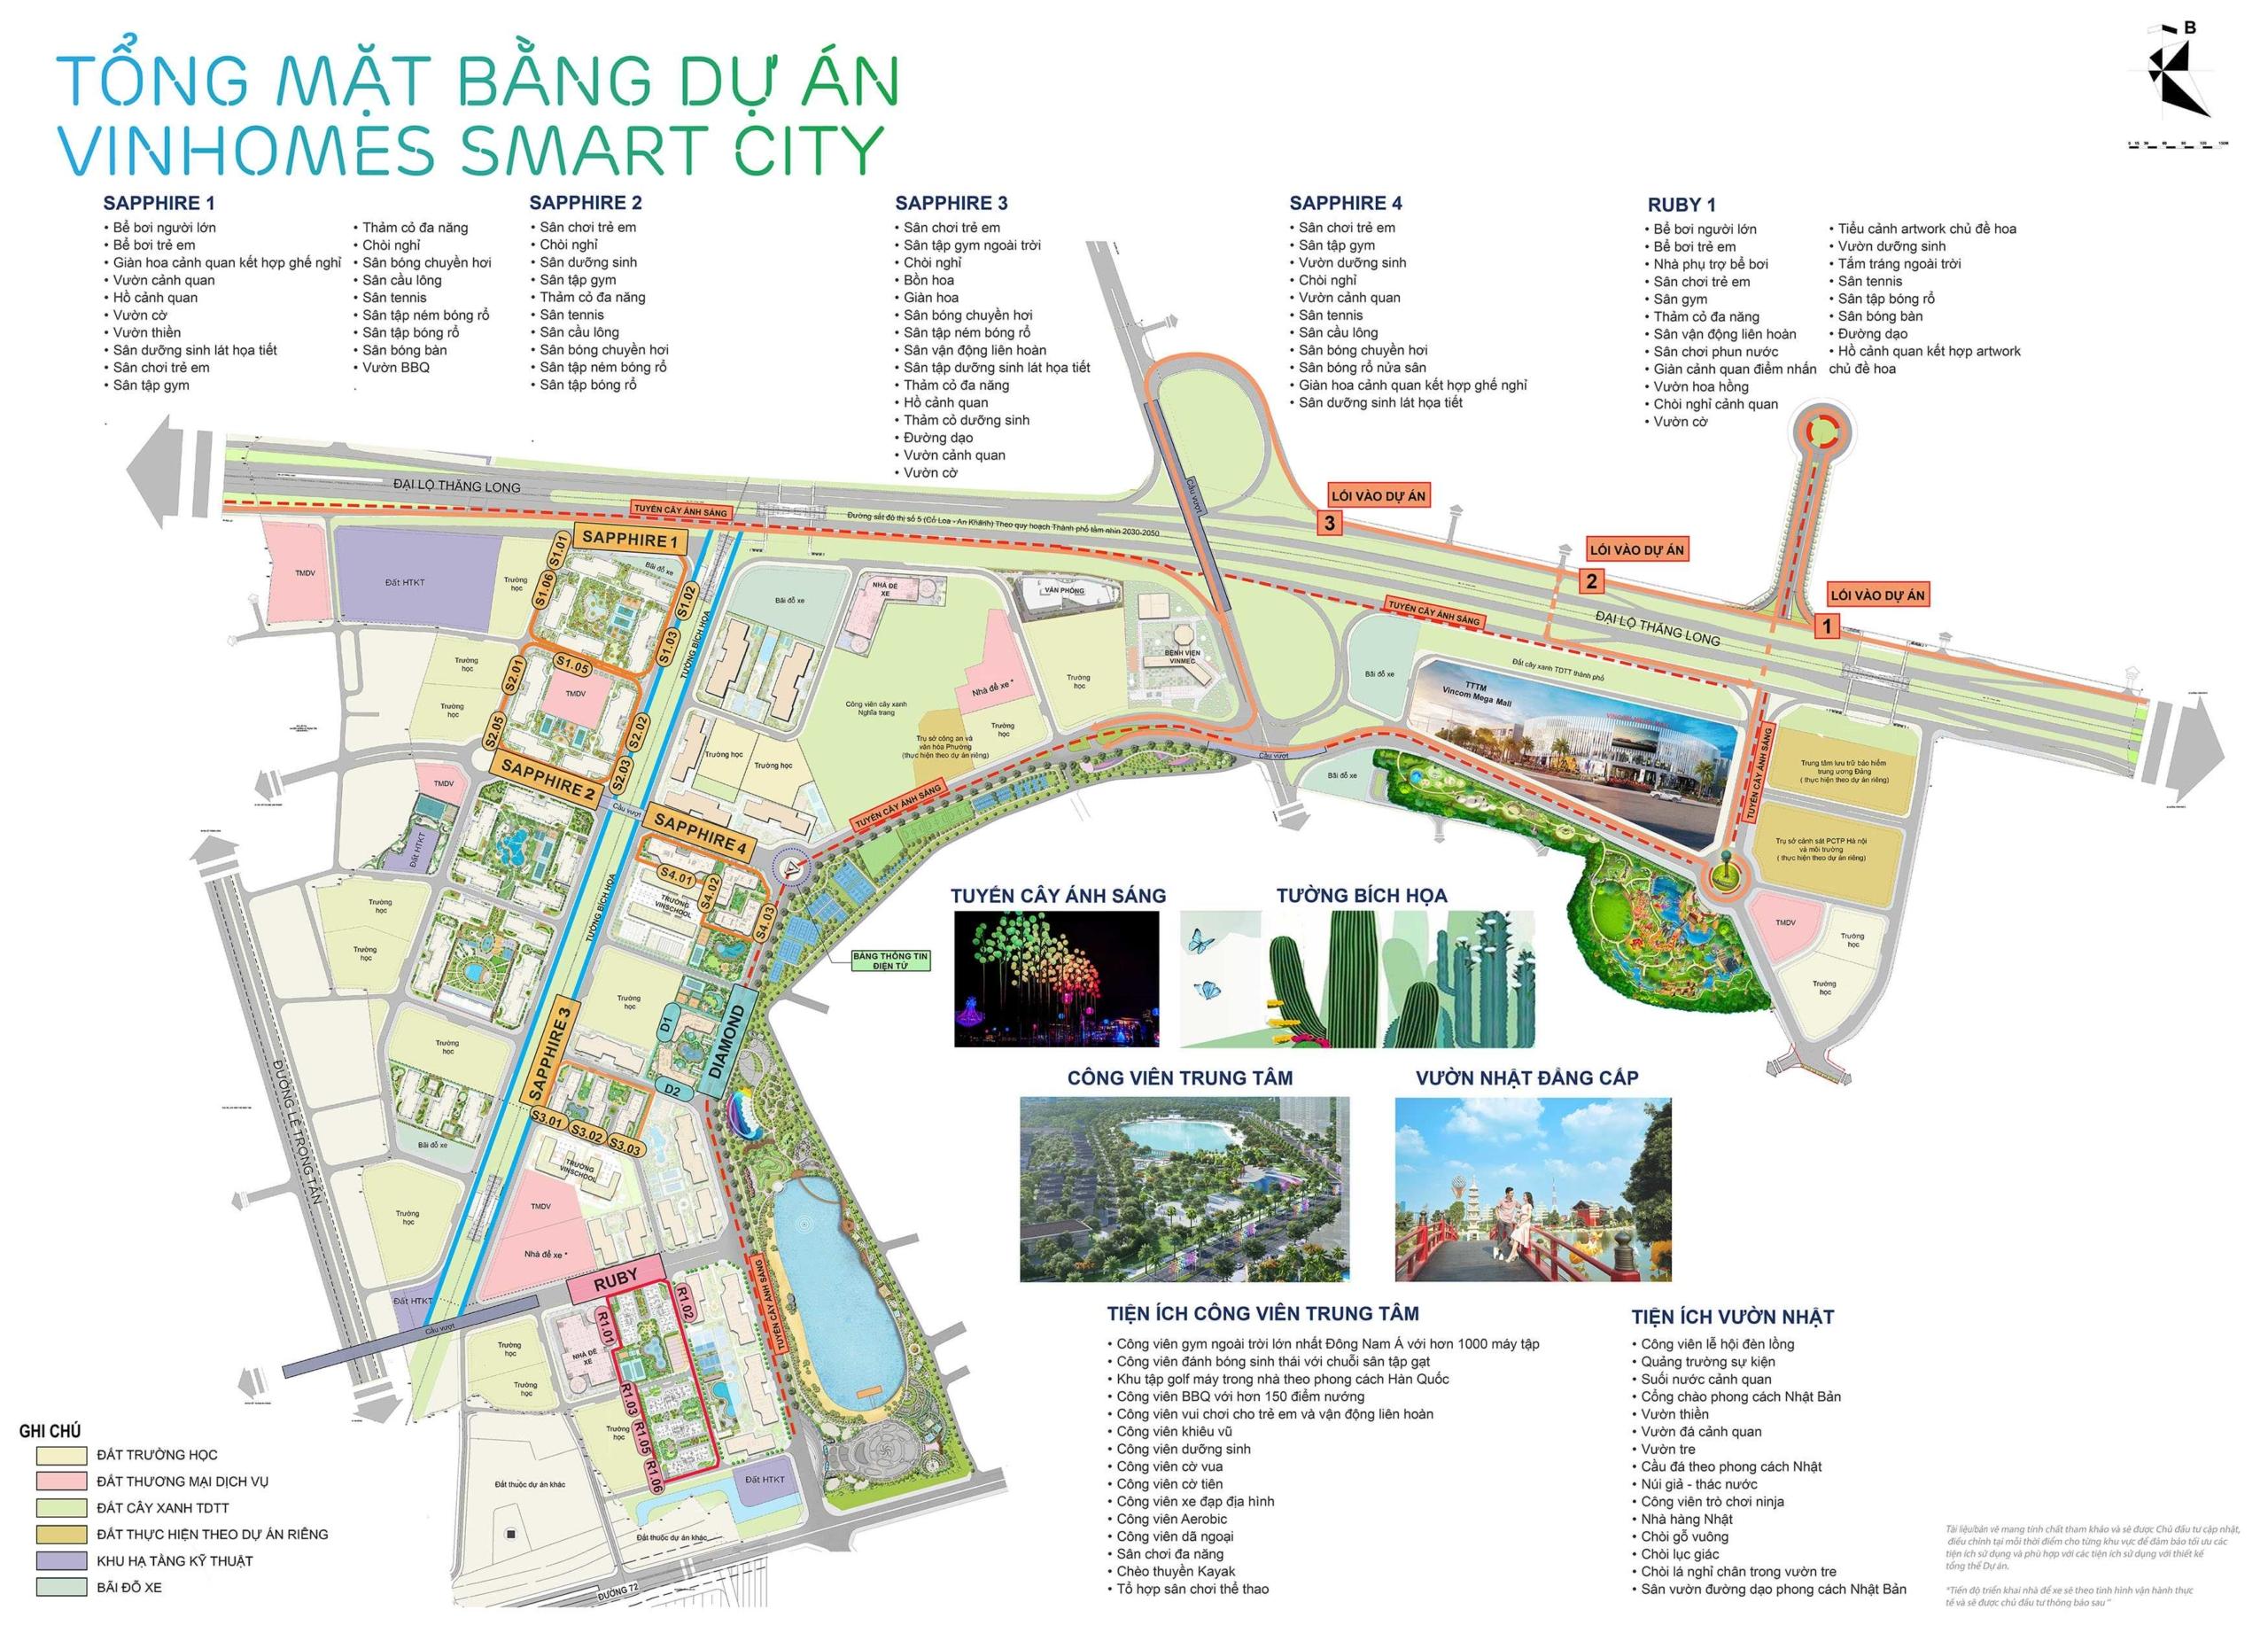 tong-mat-bang-vinhomes-smart-city